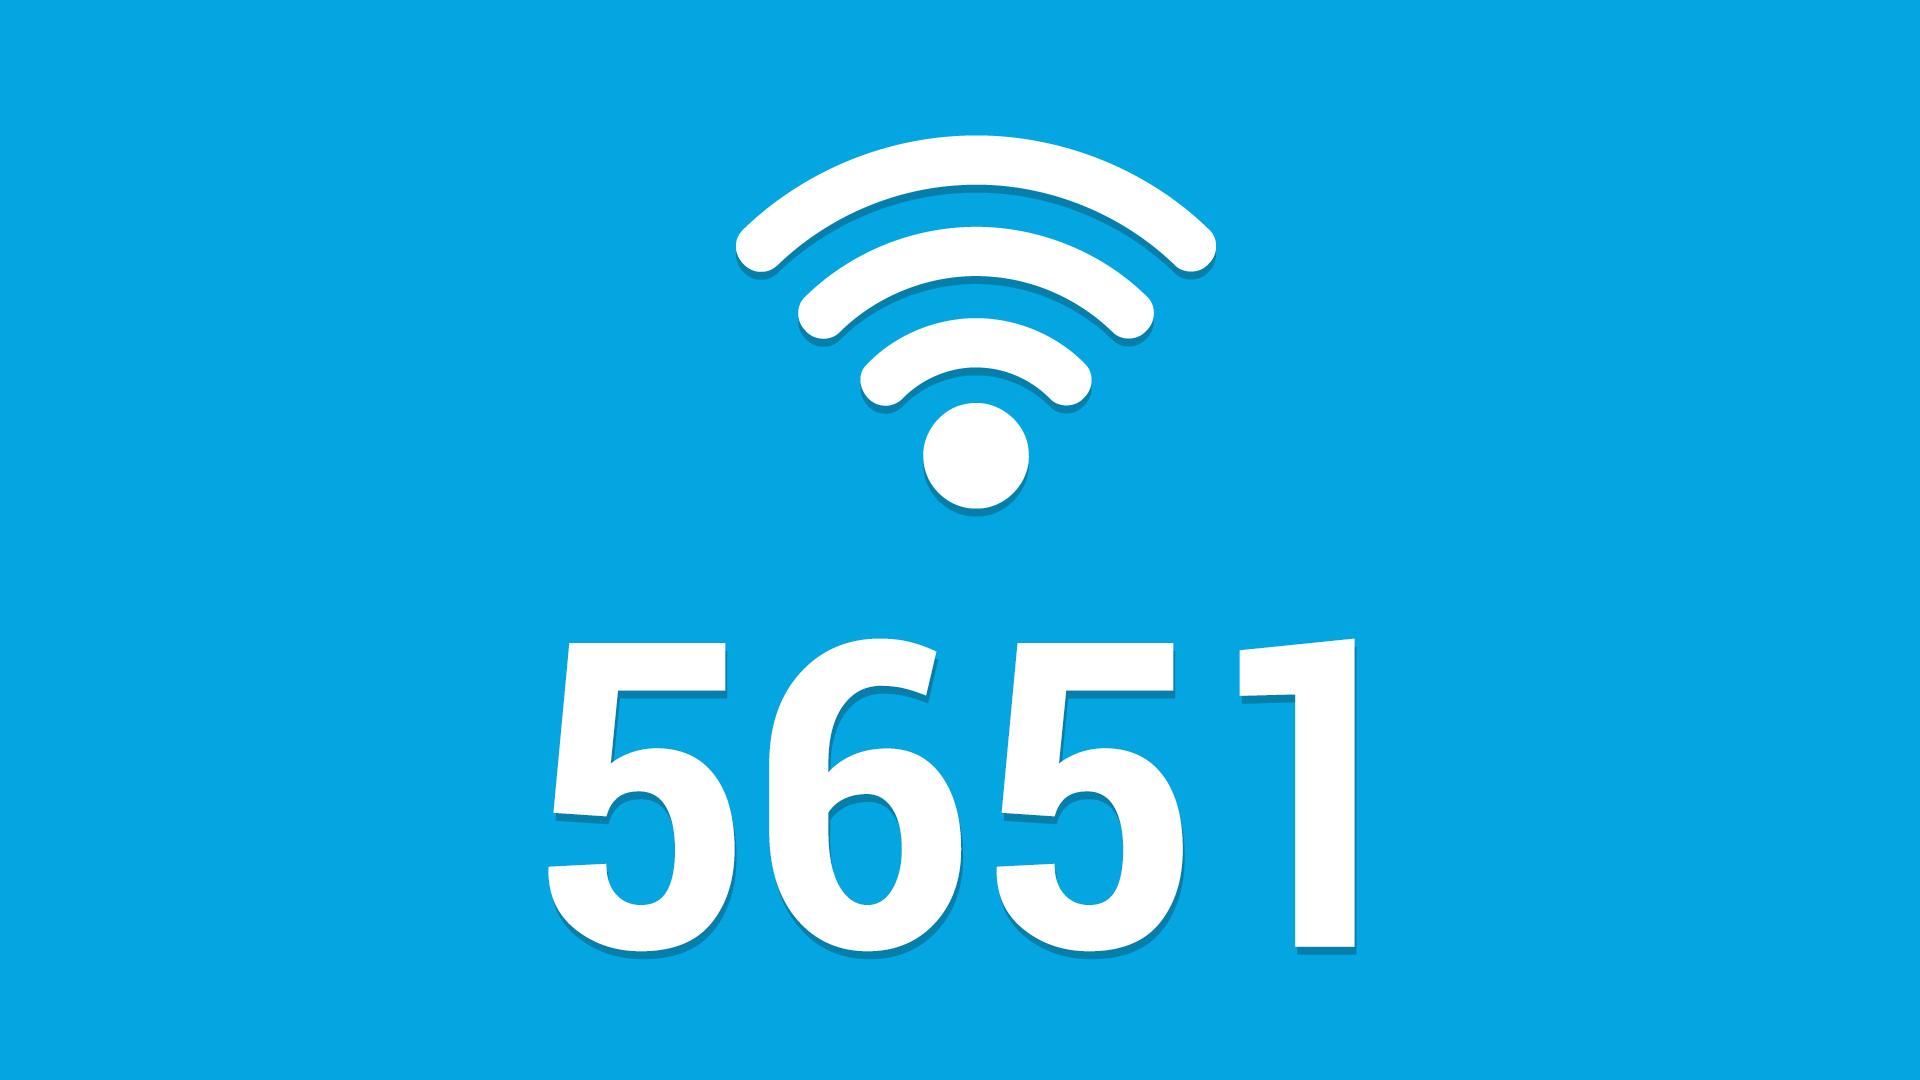 ücretsiz Wi-Fi hizmeti